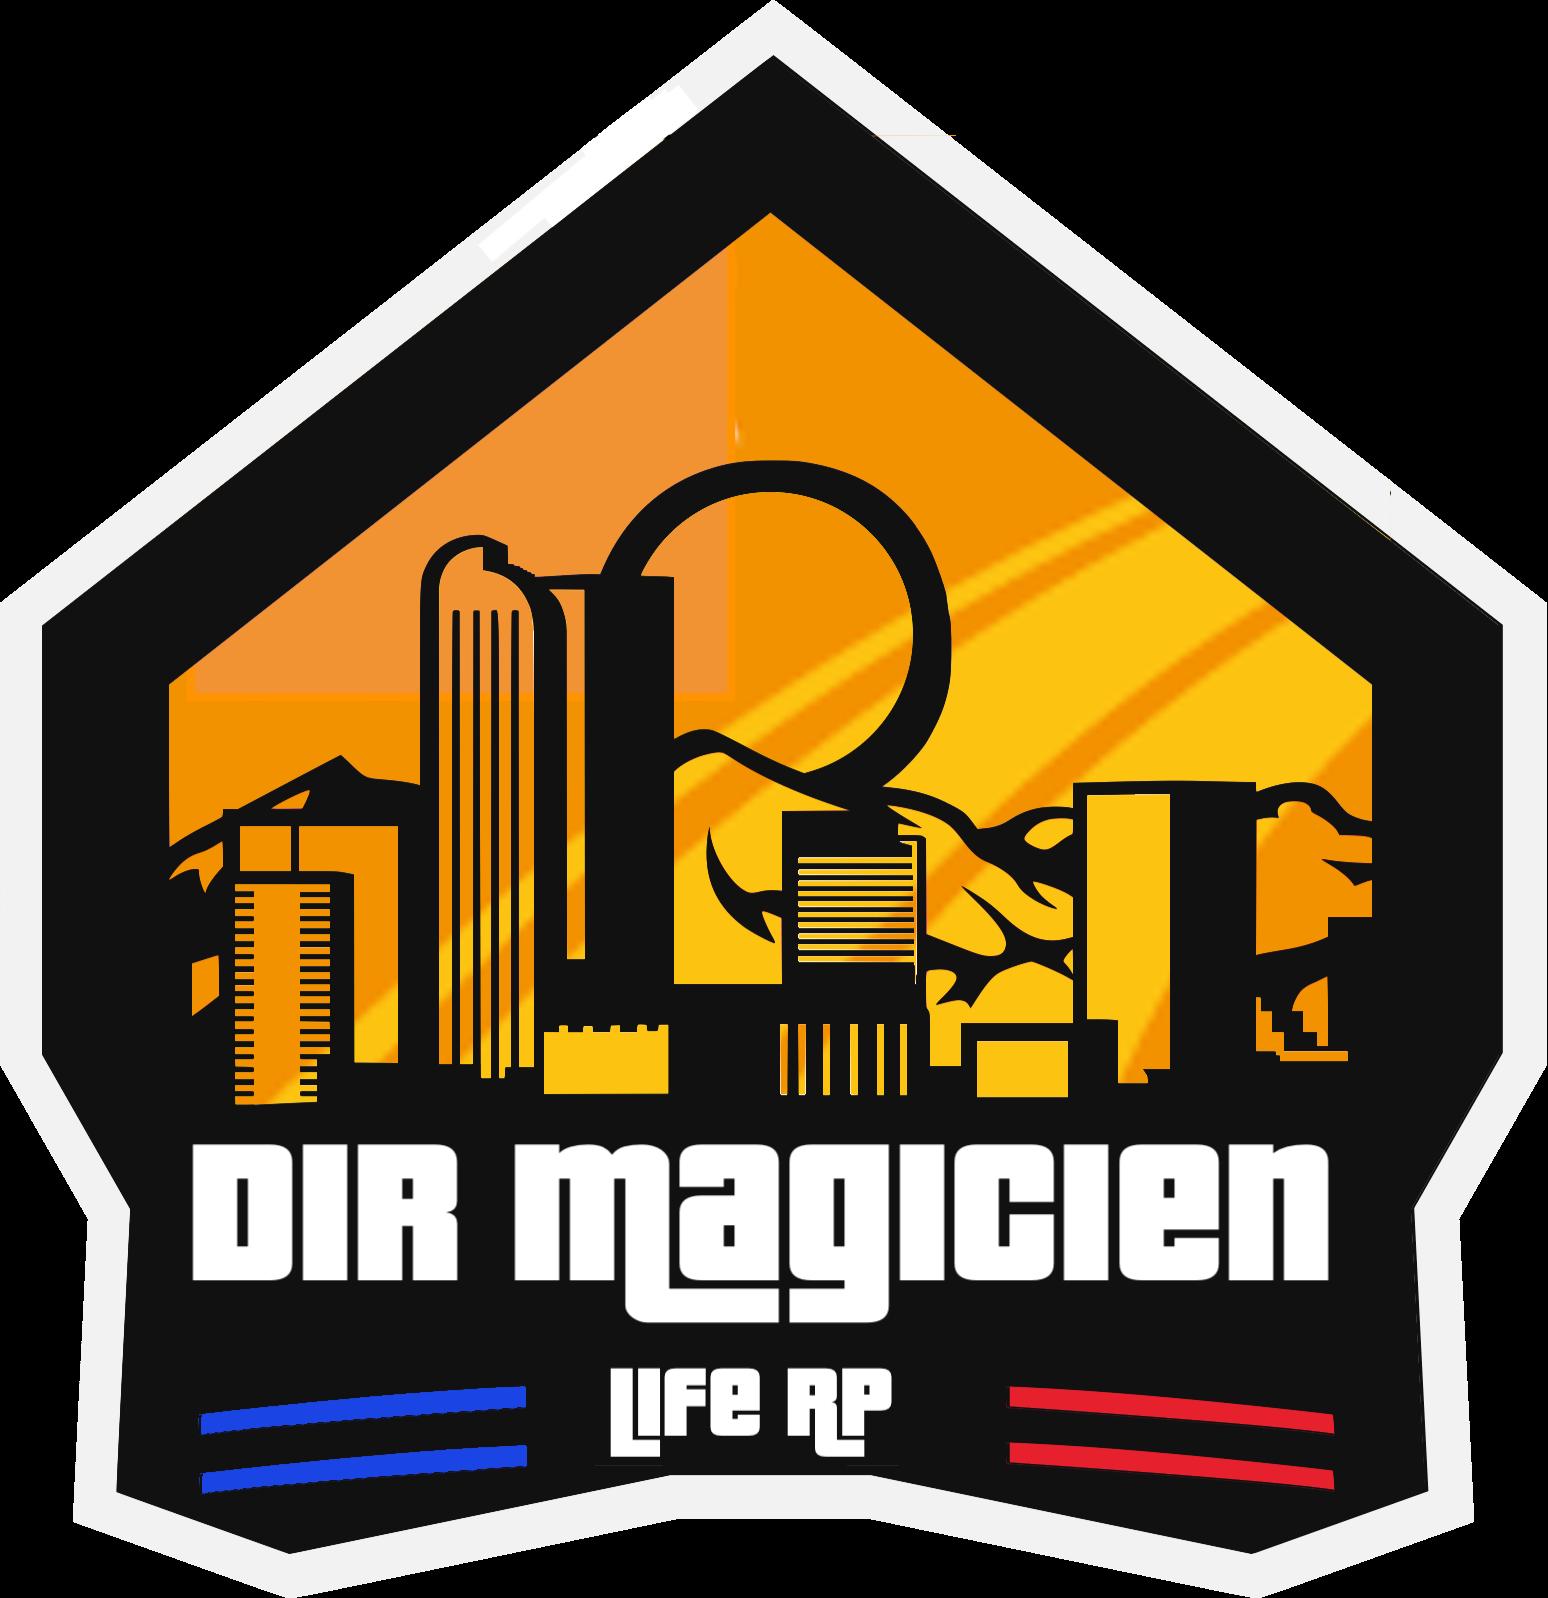 6070f6b1746d8-DIR_Magician.png